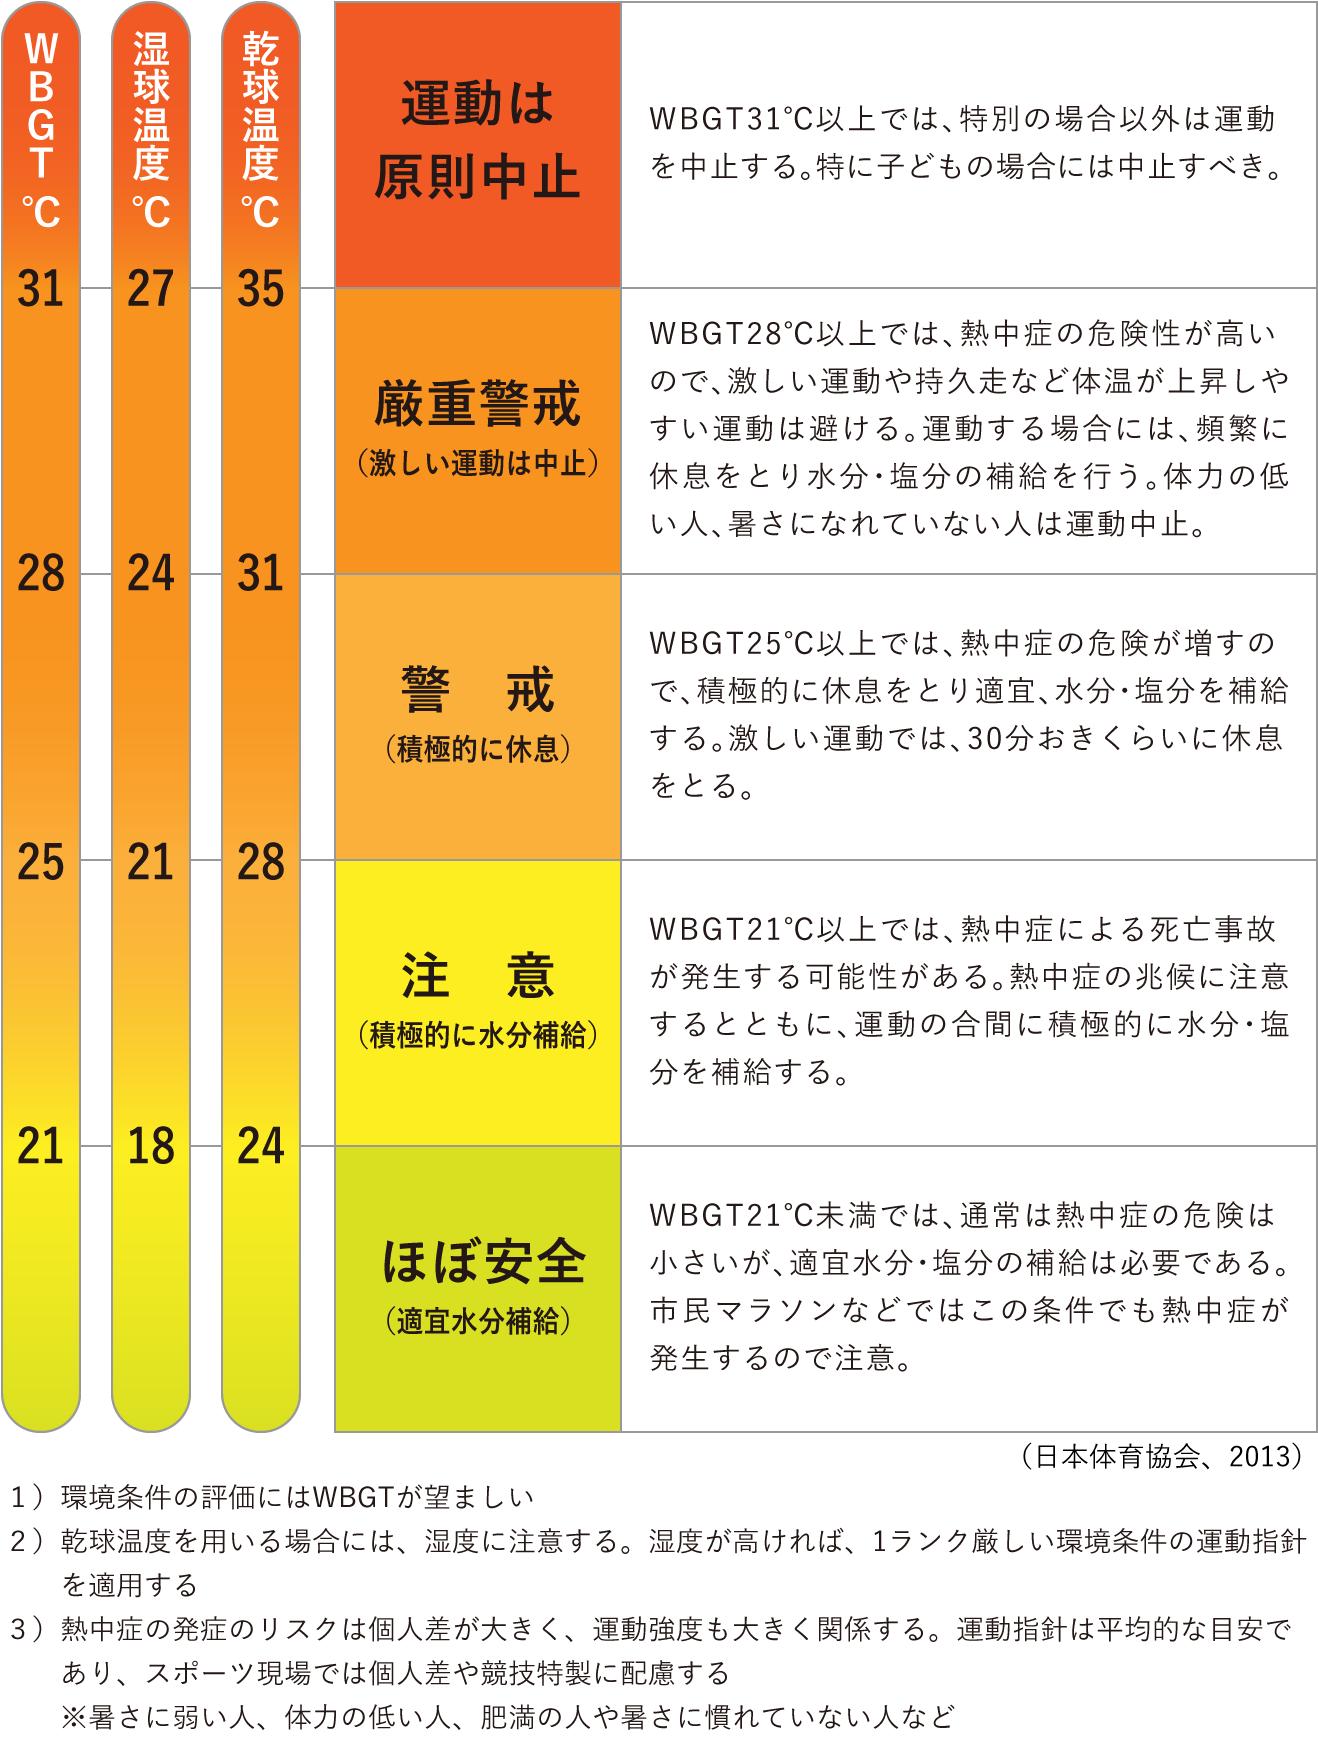 熱中症予防のための運動指針